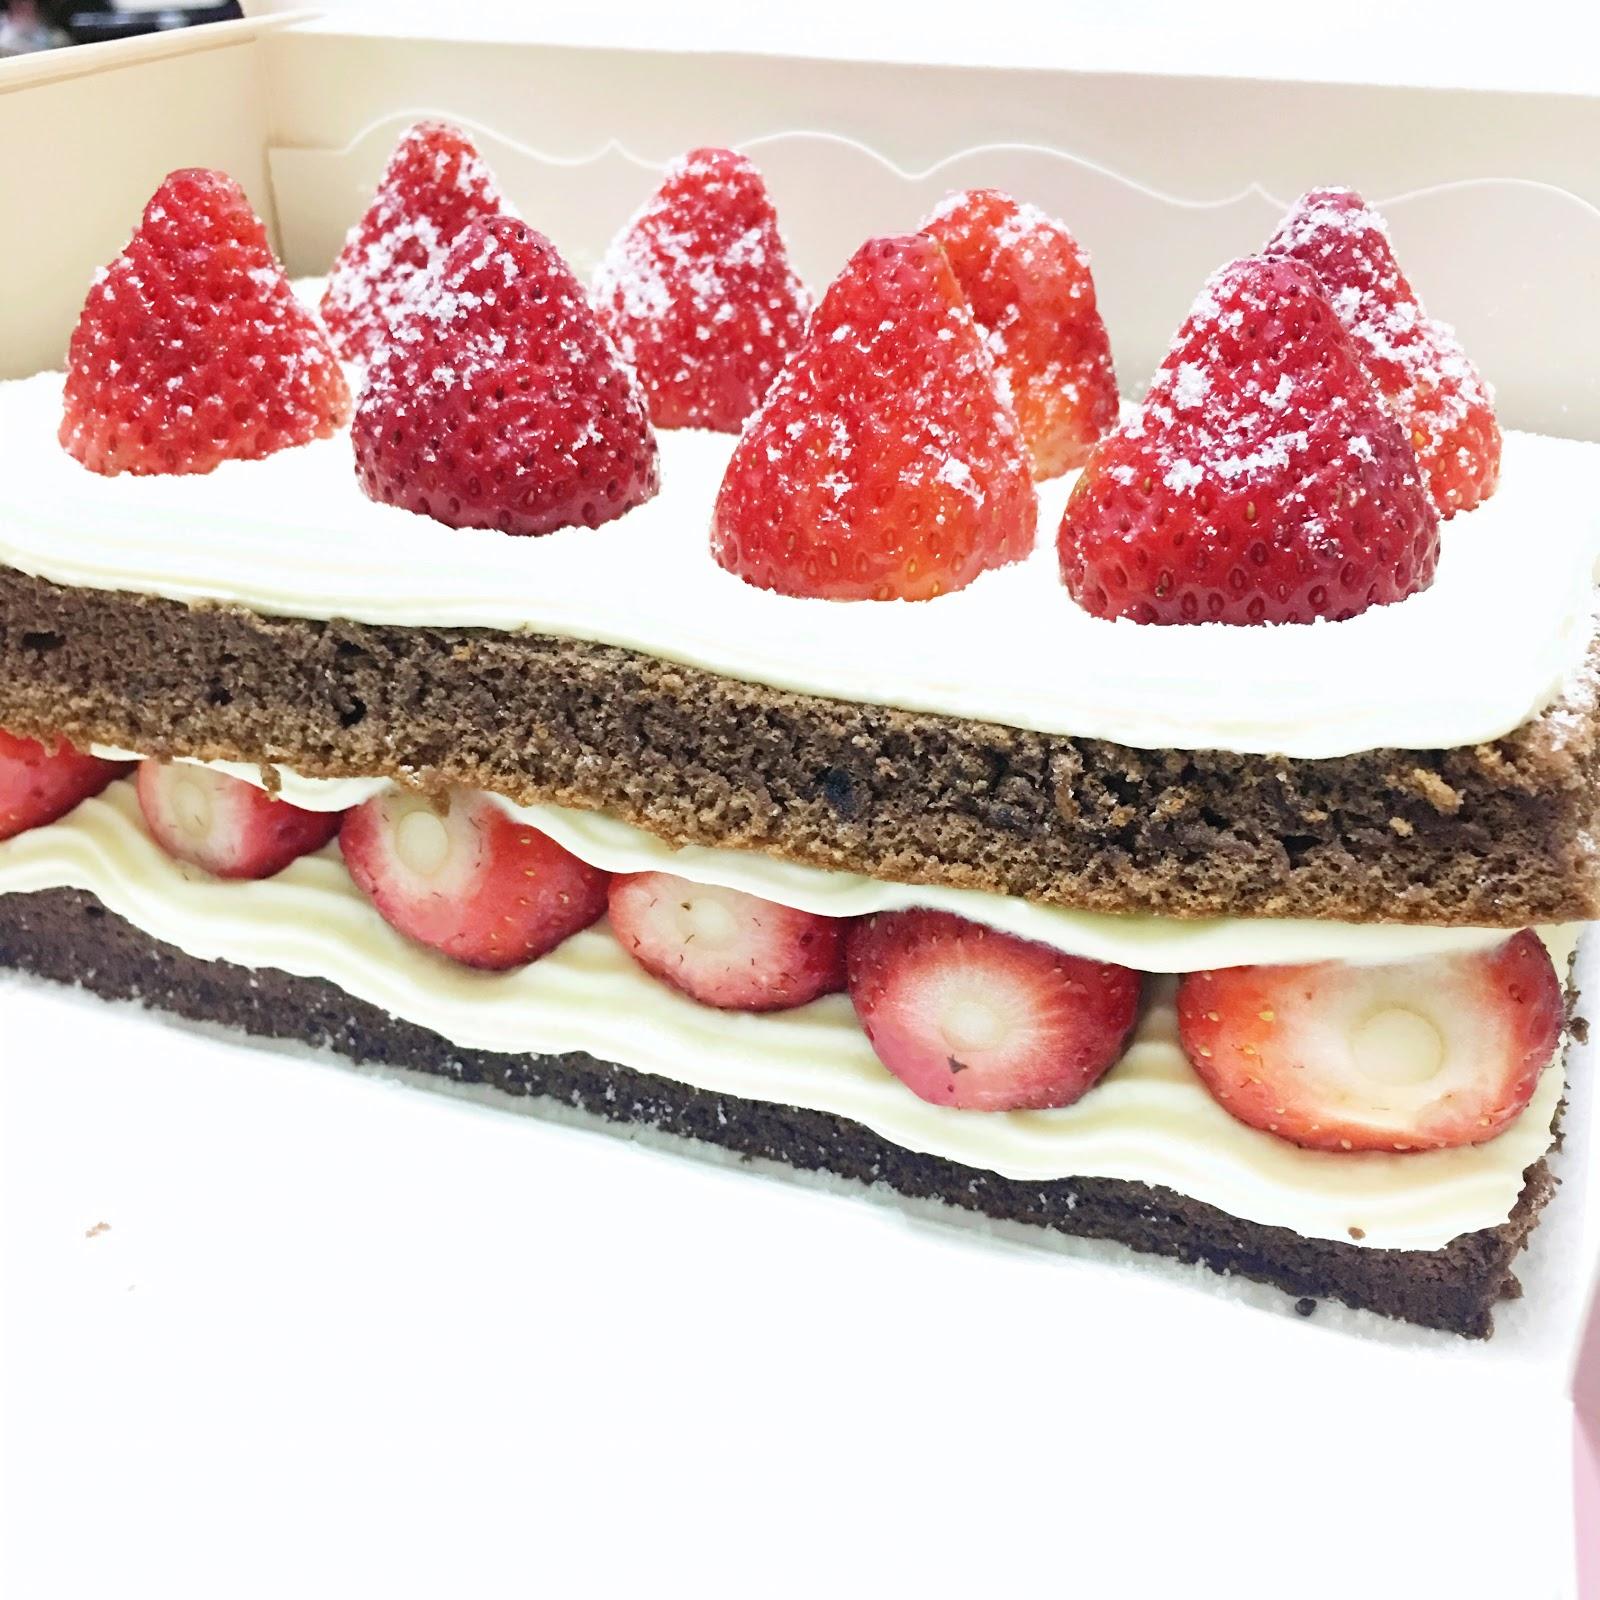 【吃喝】臺北士林甜食|士林宣原蛋糕專賣店-巧克力雙層草莓蛋糕 Strawberry and Chocolate Cake - 呸雞他口貓 ...